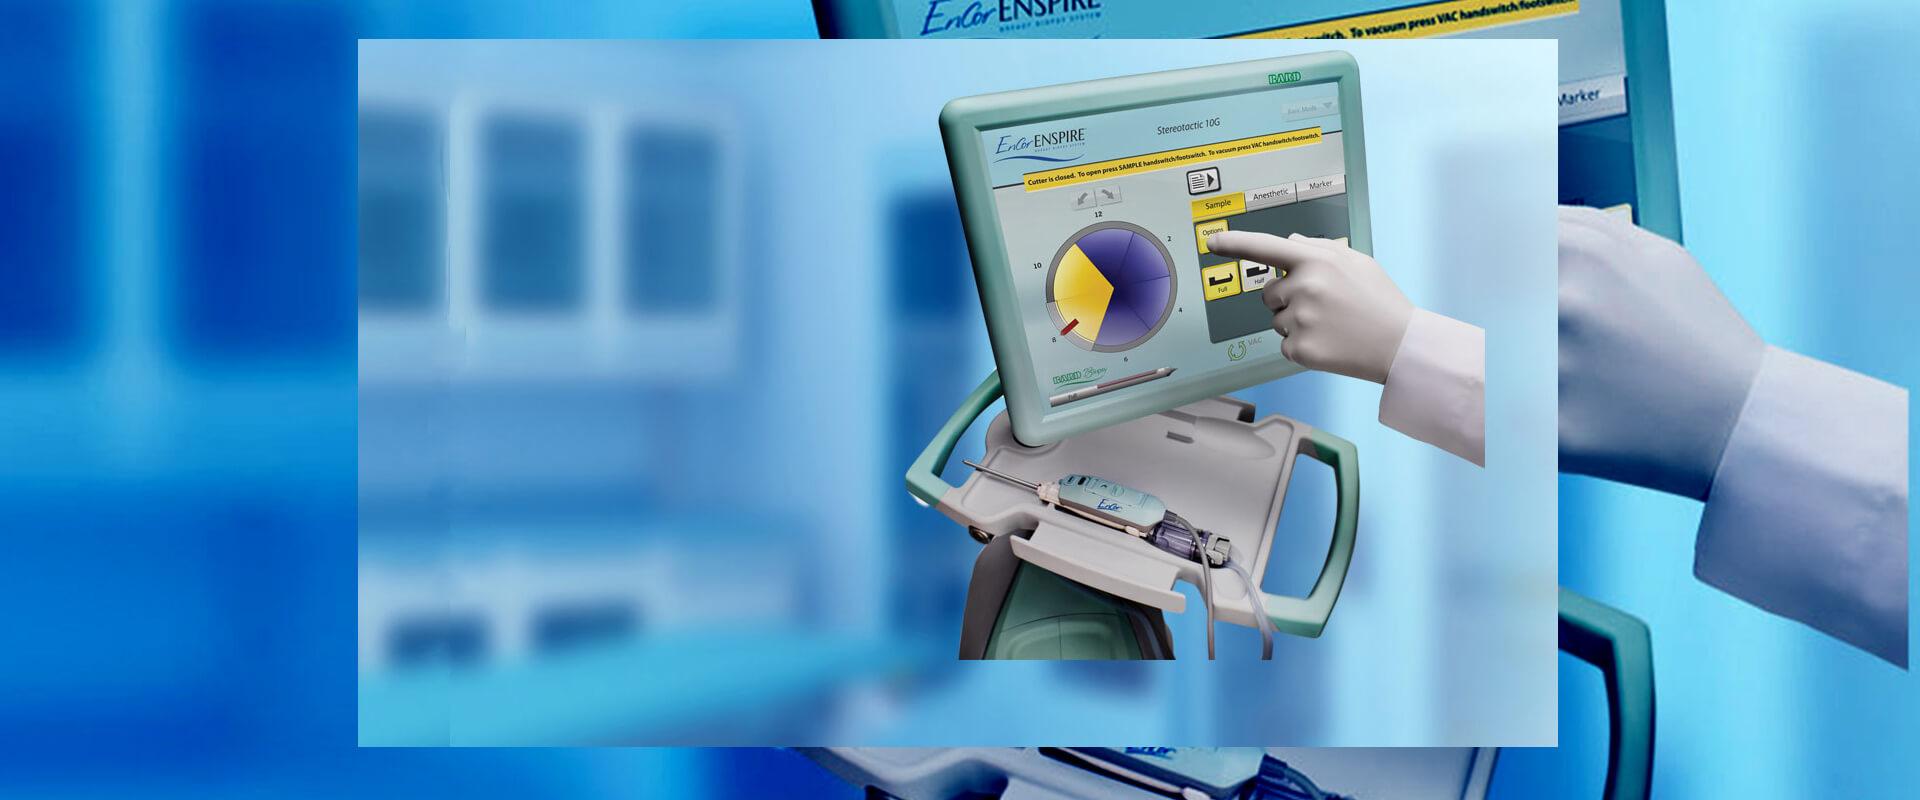 Pierwszy inteligentny system do biopsji